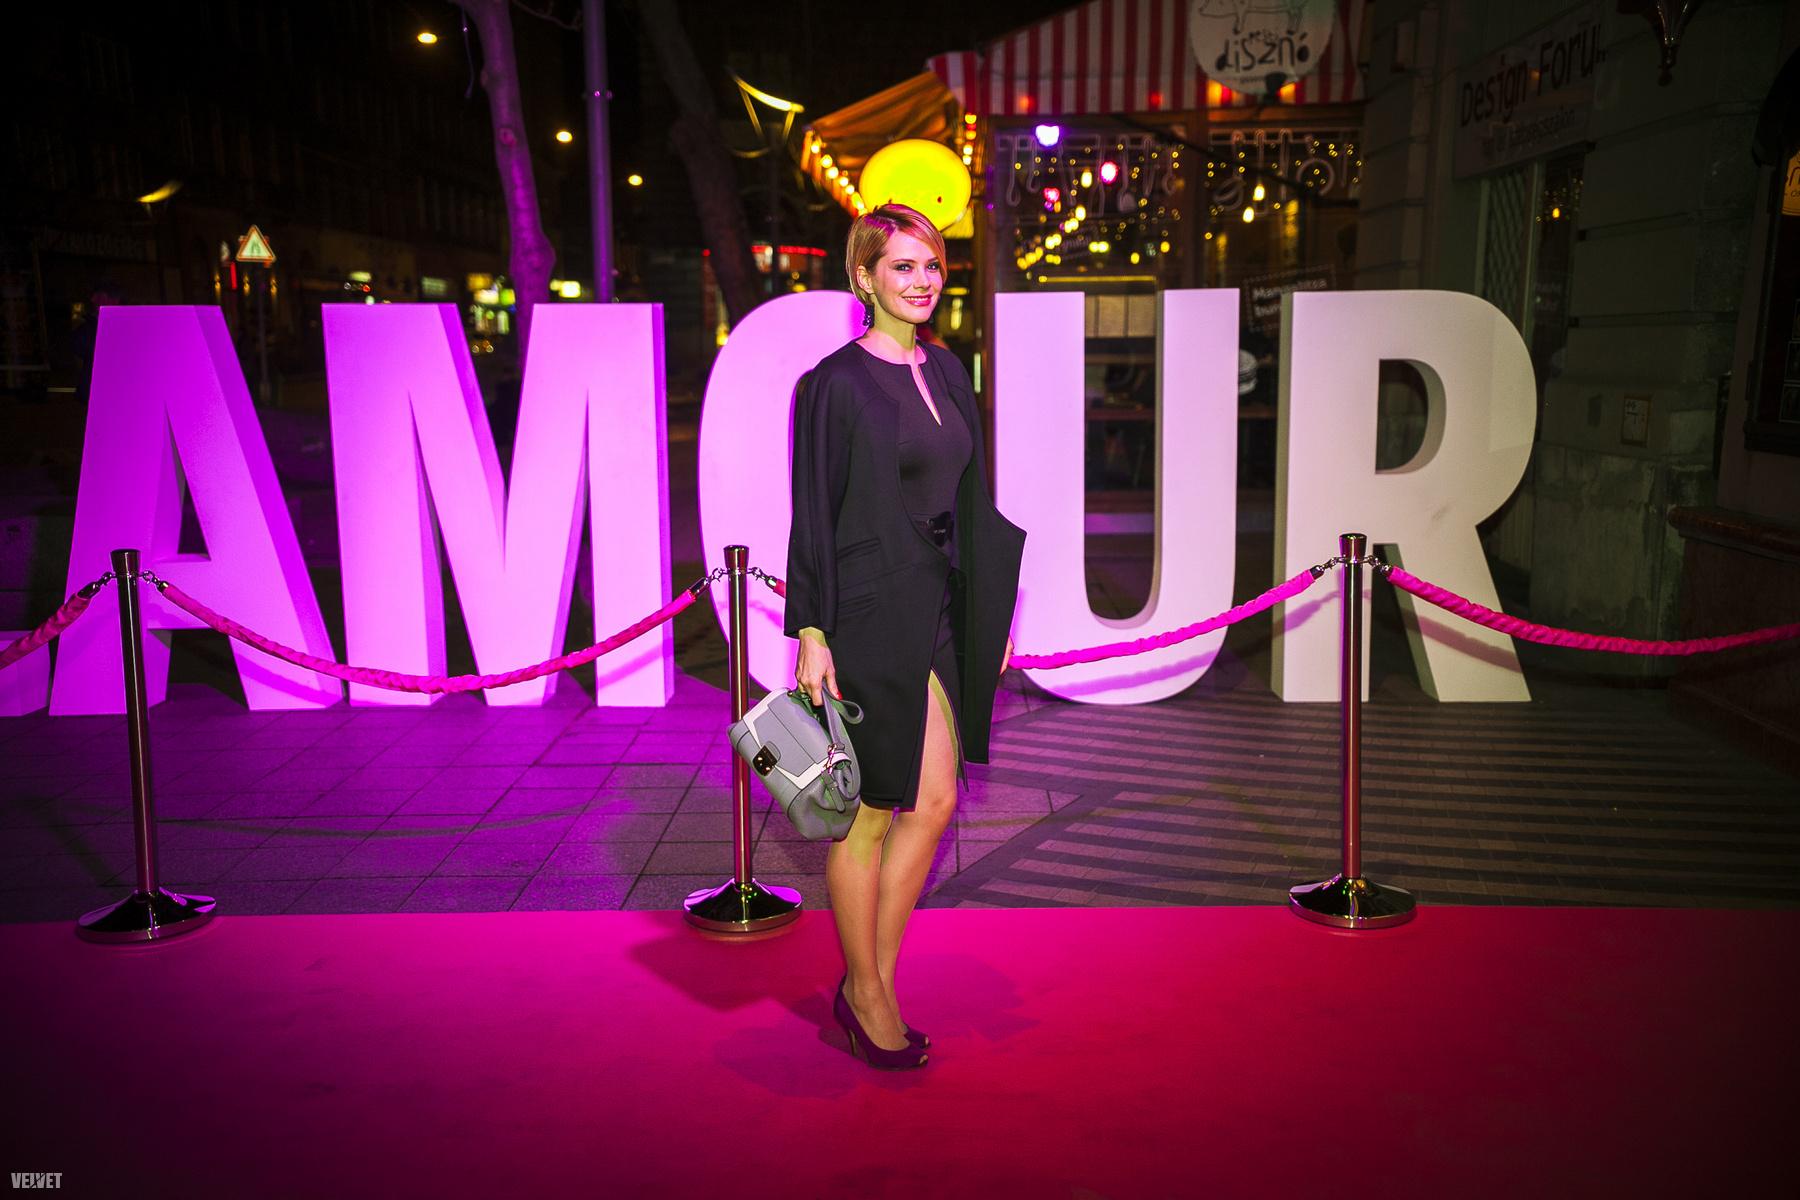 Fekete és arany volt a dress code ezen az eseményen, Ónodi Eszter így oldotta meg.